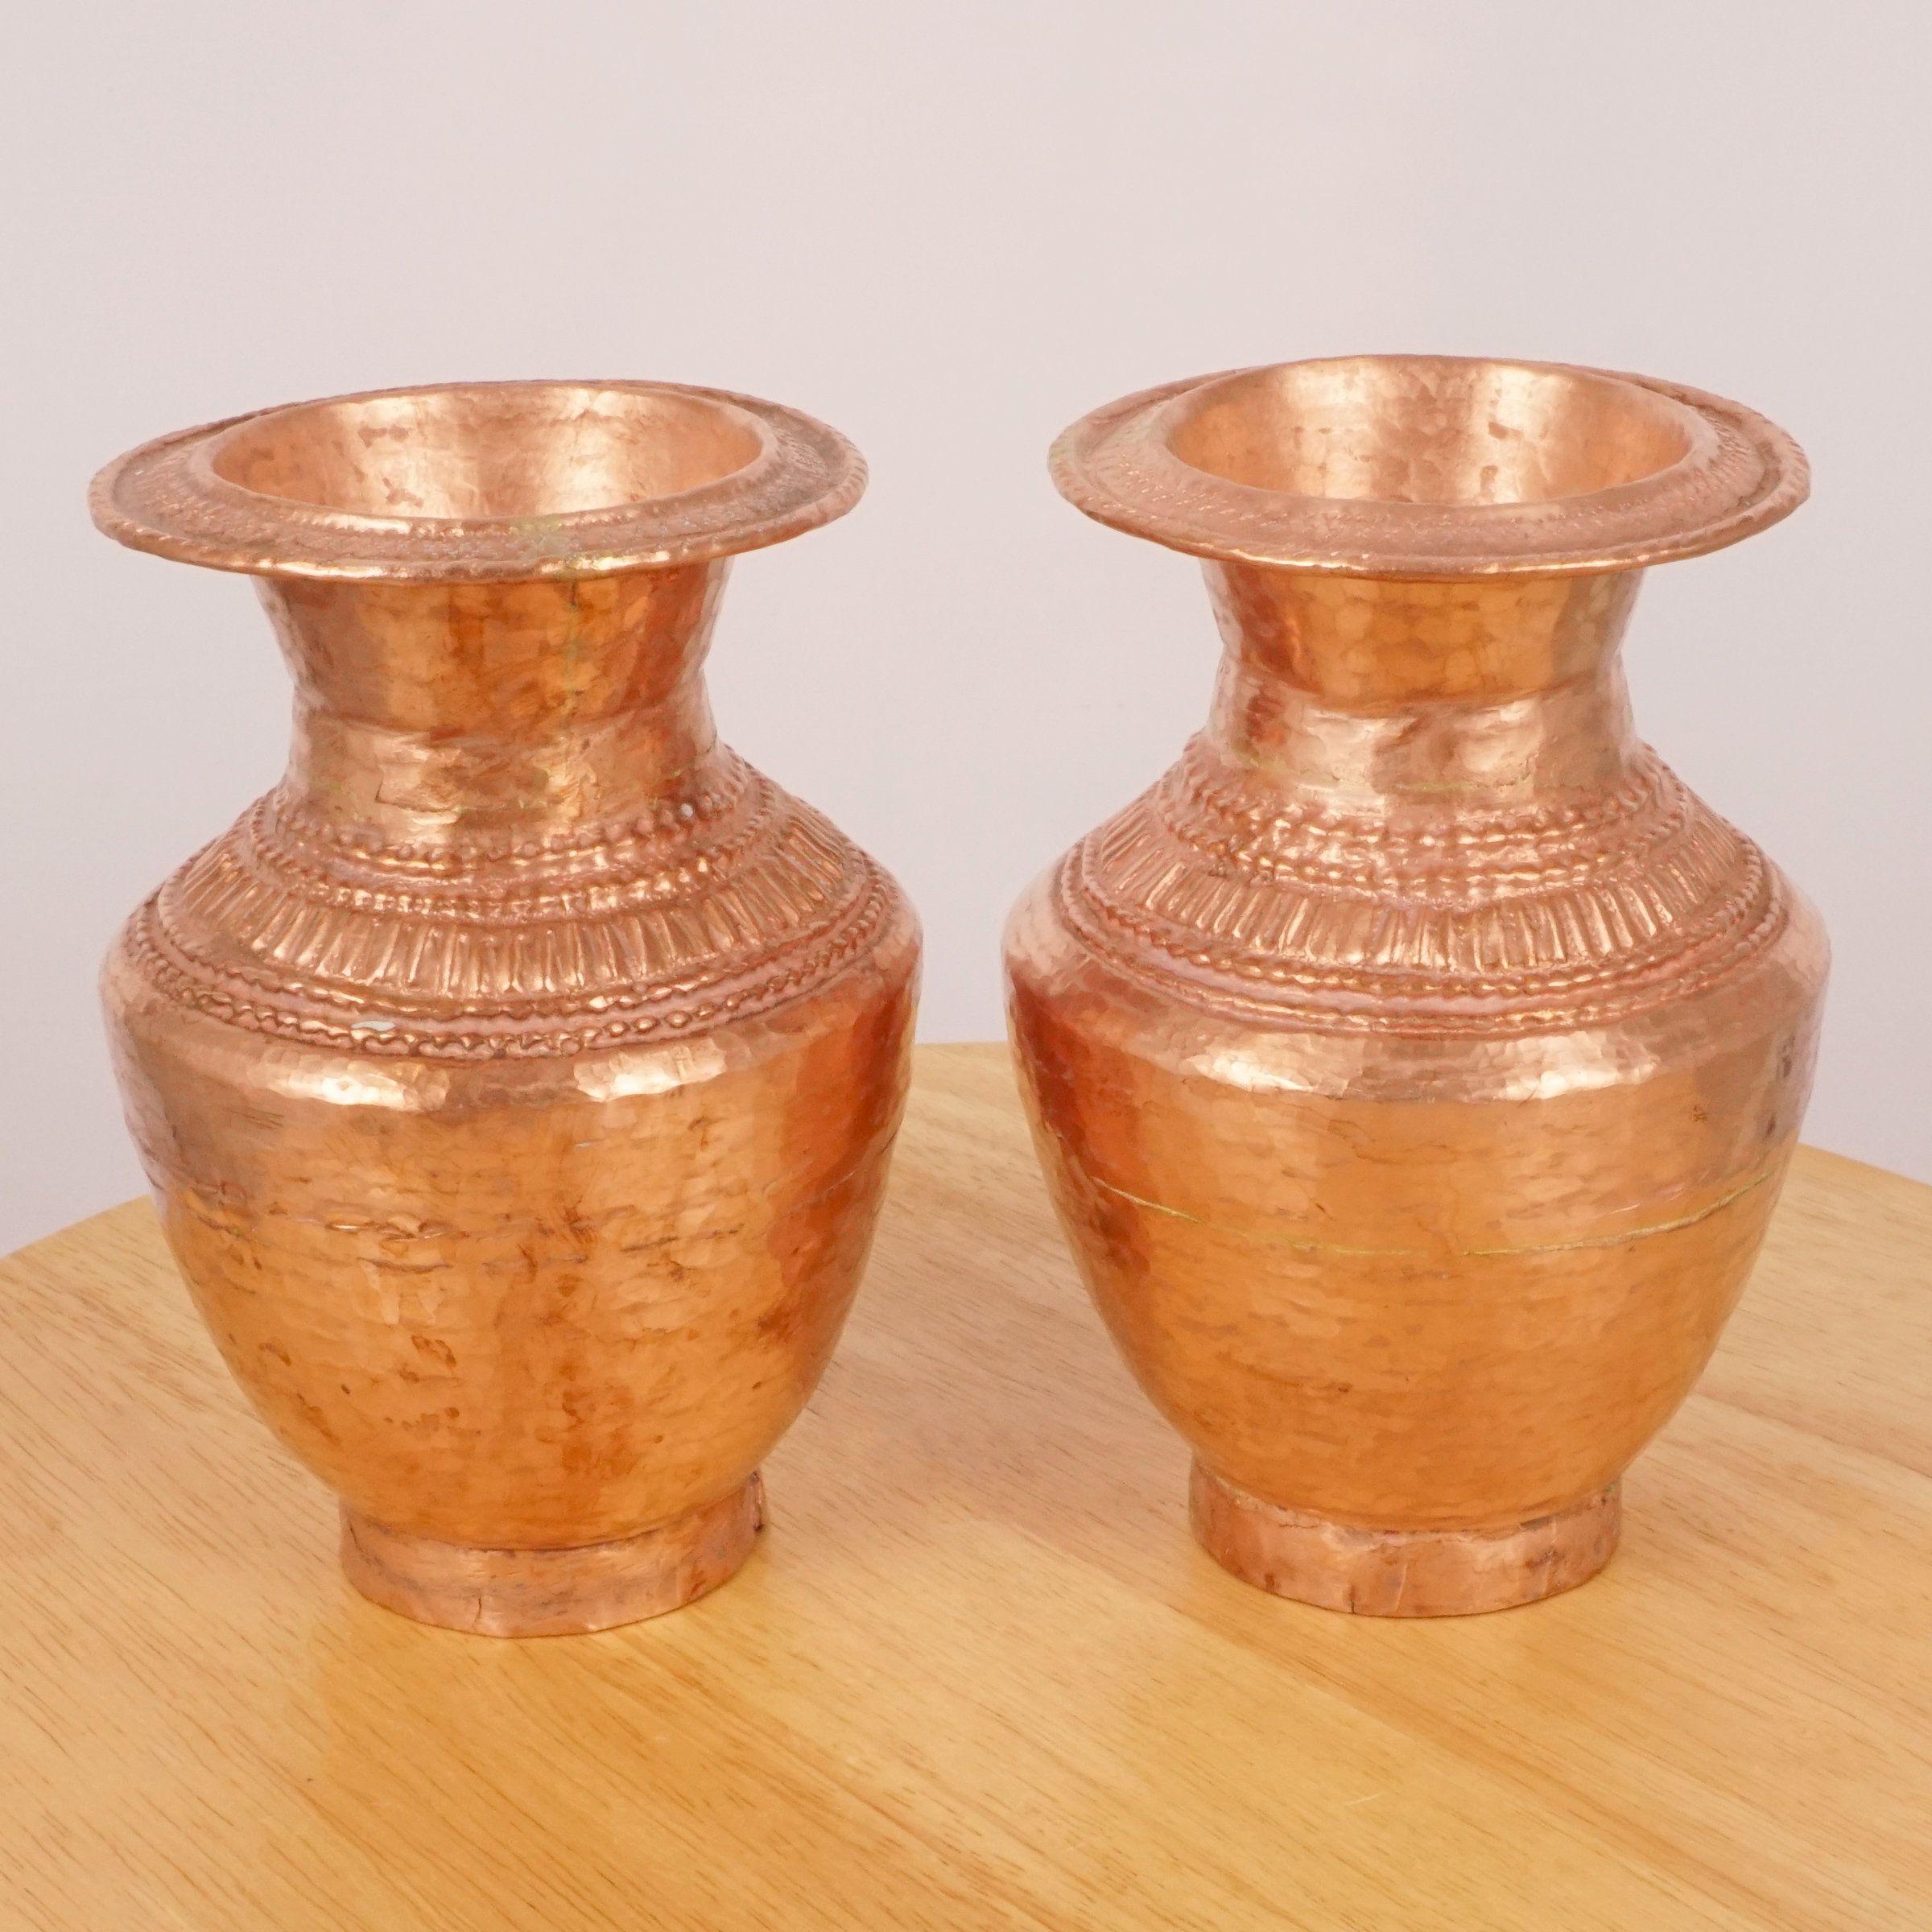 Two Copper Vases Set Of Two Copper Vases Vintage Copper Handmade Vases In 2020 Handmade Vase Copper Vase Vase Set